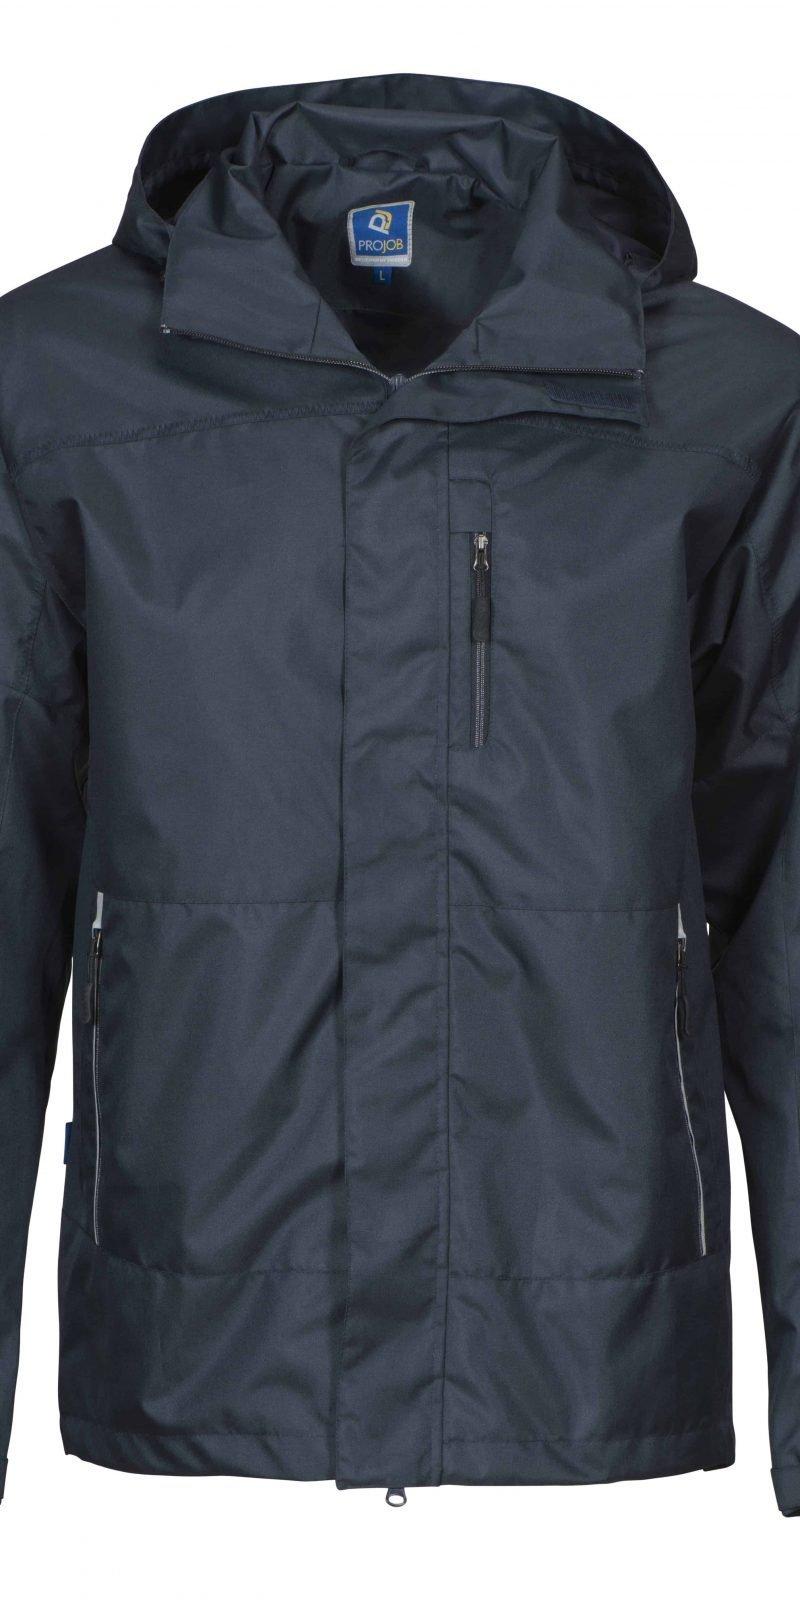 Projob 2421 Jacket